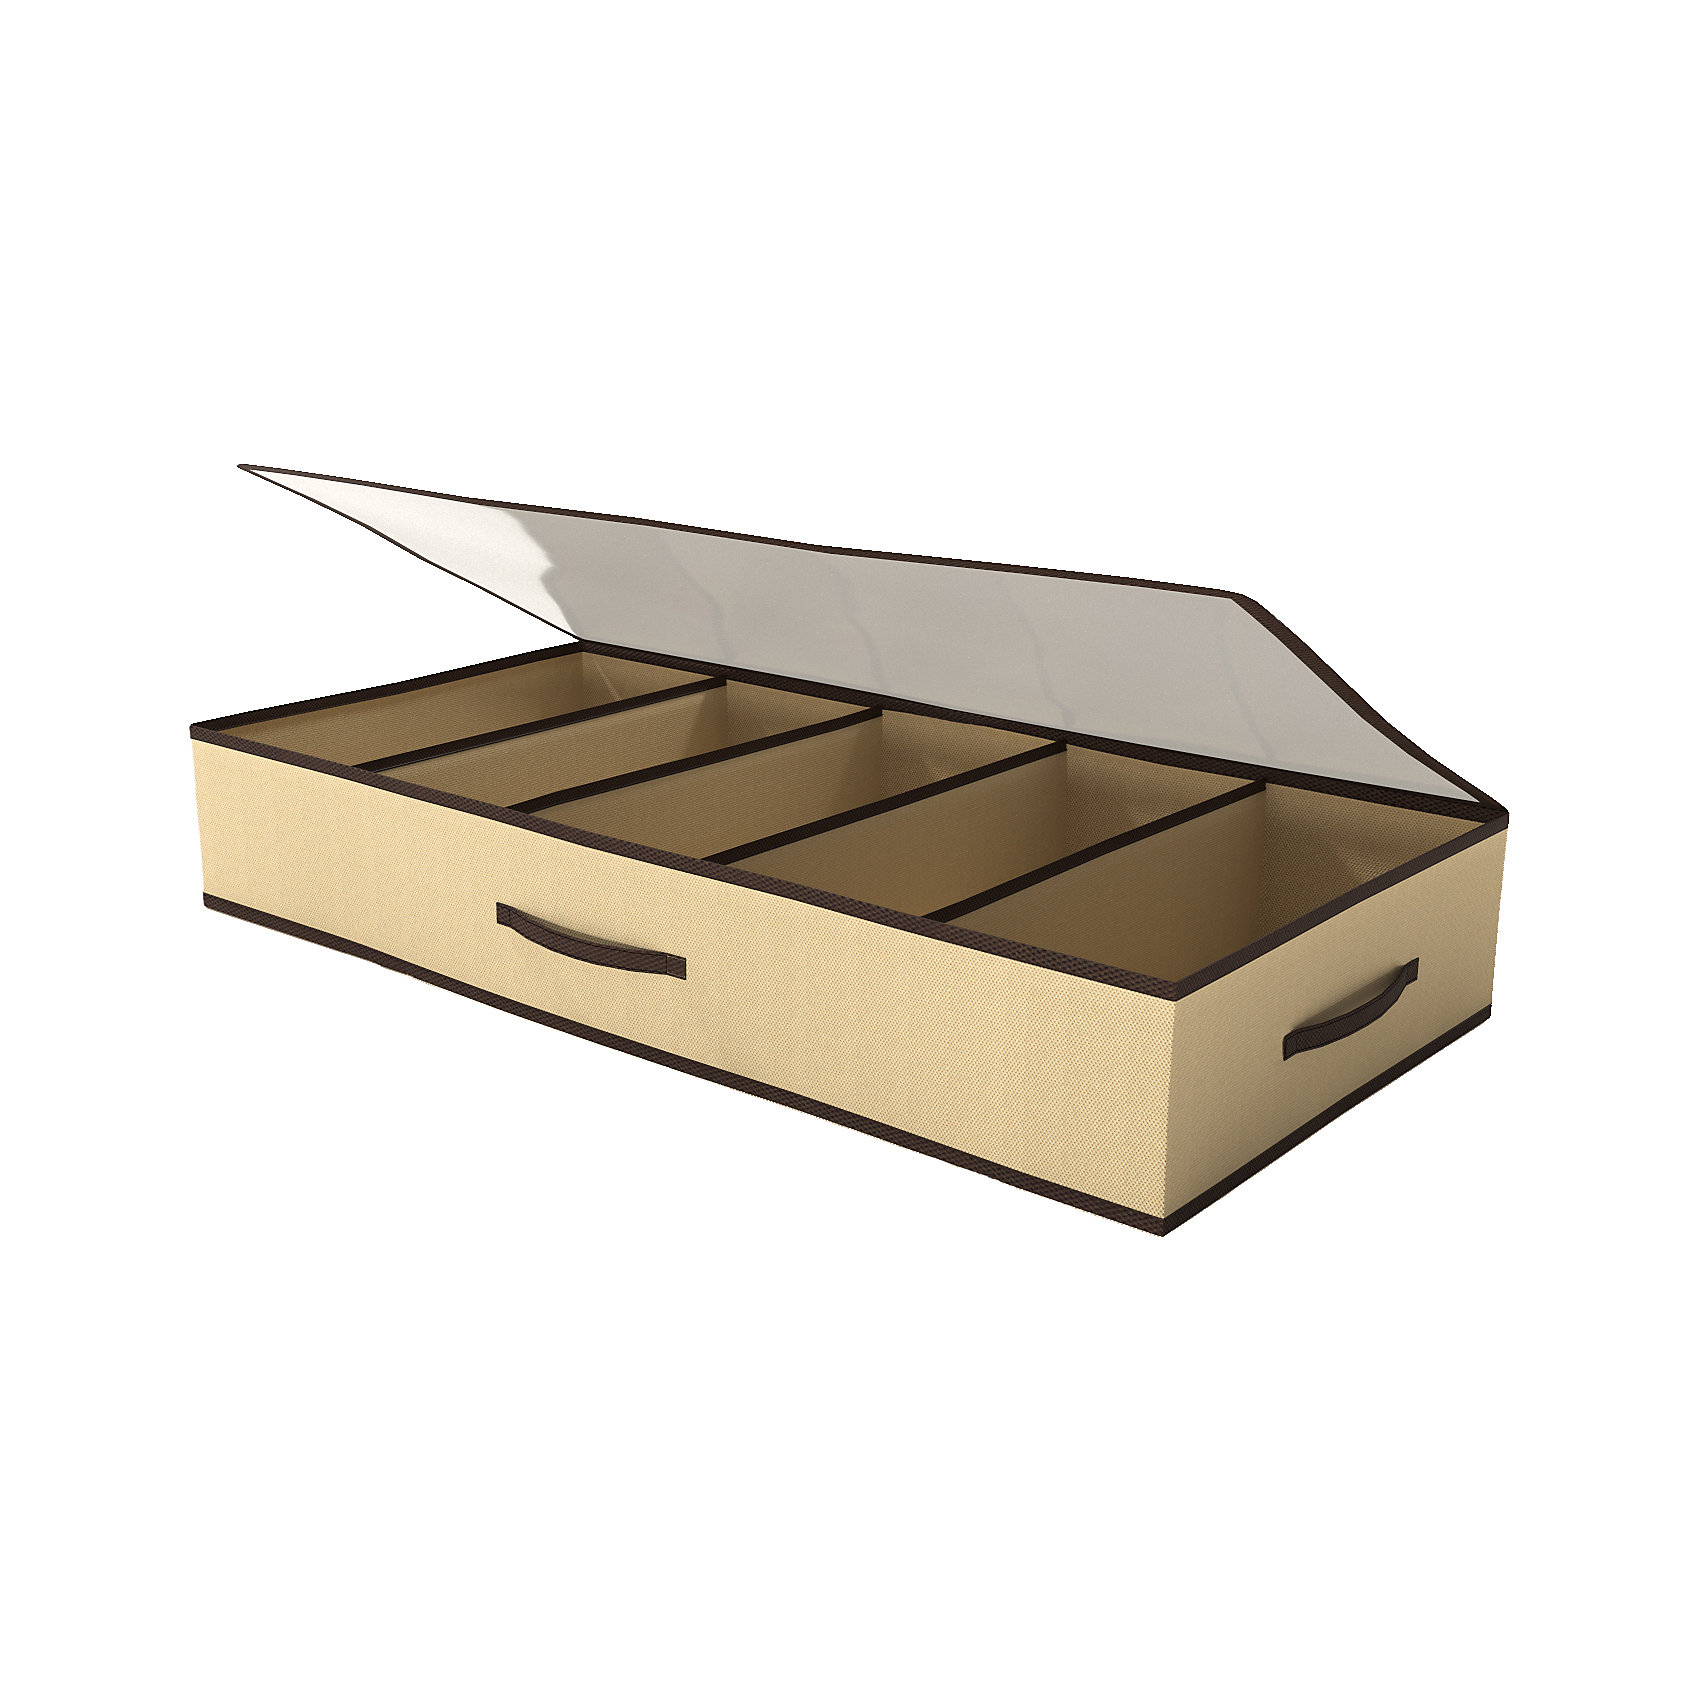 Органайзер для обуви, HomsuПорядок в детской<br>Органайзер для обуви на 5 пар обуви, застегивается на молнию, имеет прозрачную крышку из ПВХ, что позволяет видеть содержимое органайзера. Защищает обувь от пыли и повреждений. Выполнен в универсальной бежево-коричневой расцветке, благодаря чему, гармонично впишется в любой интерьер.<br><br>Ширина мм: 260<br>Глубина мм: 200<br>Высота мм: 20<br>Вес г: 300<br>Возраст от месяцев: 216<br>Возраст до месяцев: 1188<br>Пол: Унисекс<br>Возраст: Детский<br>SKU: 5620099